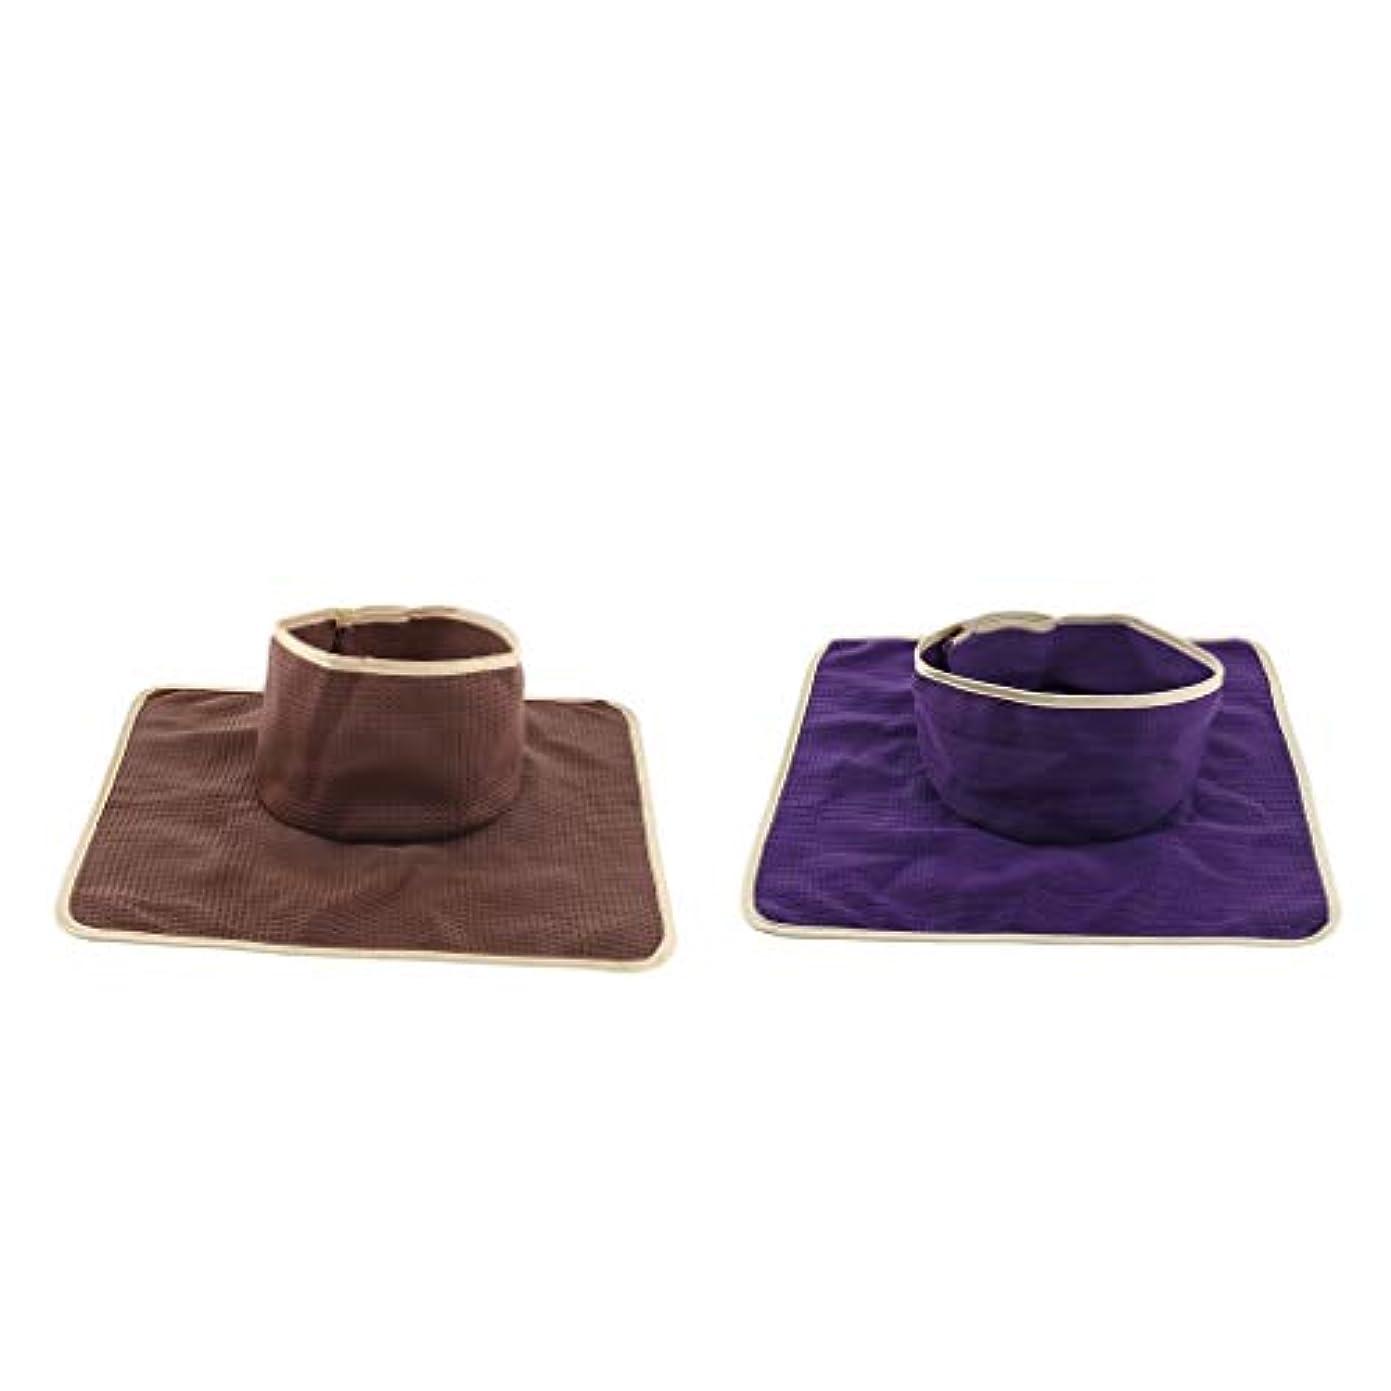 政治修士号体細胞フェイスホール付き 2ピース 洗え 再利用可能な マッサージ ベッドタトゥーテーブルシートパッド